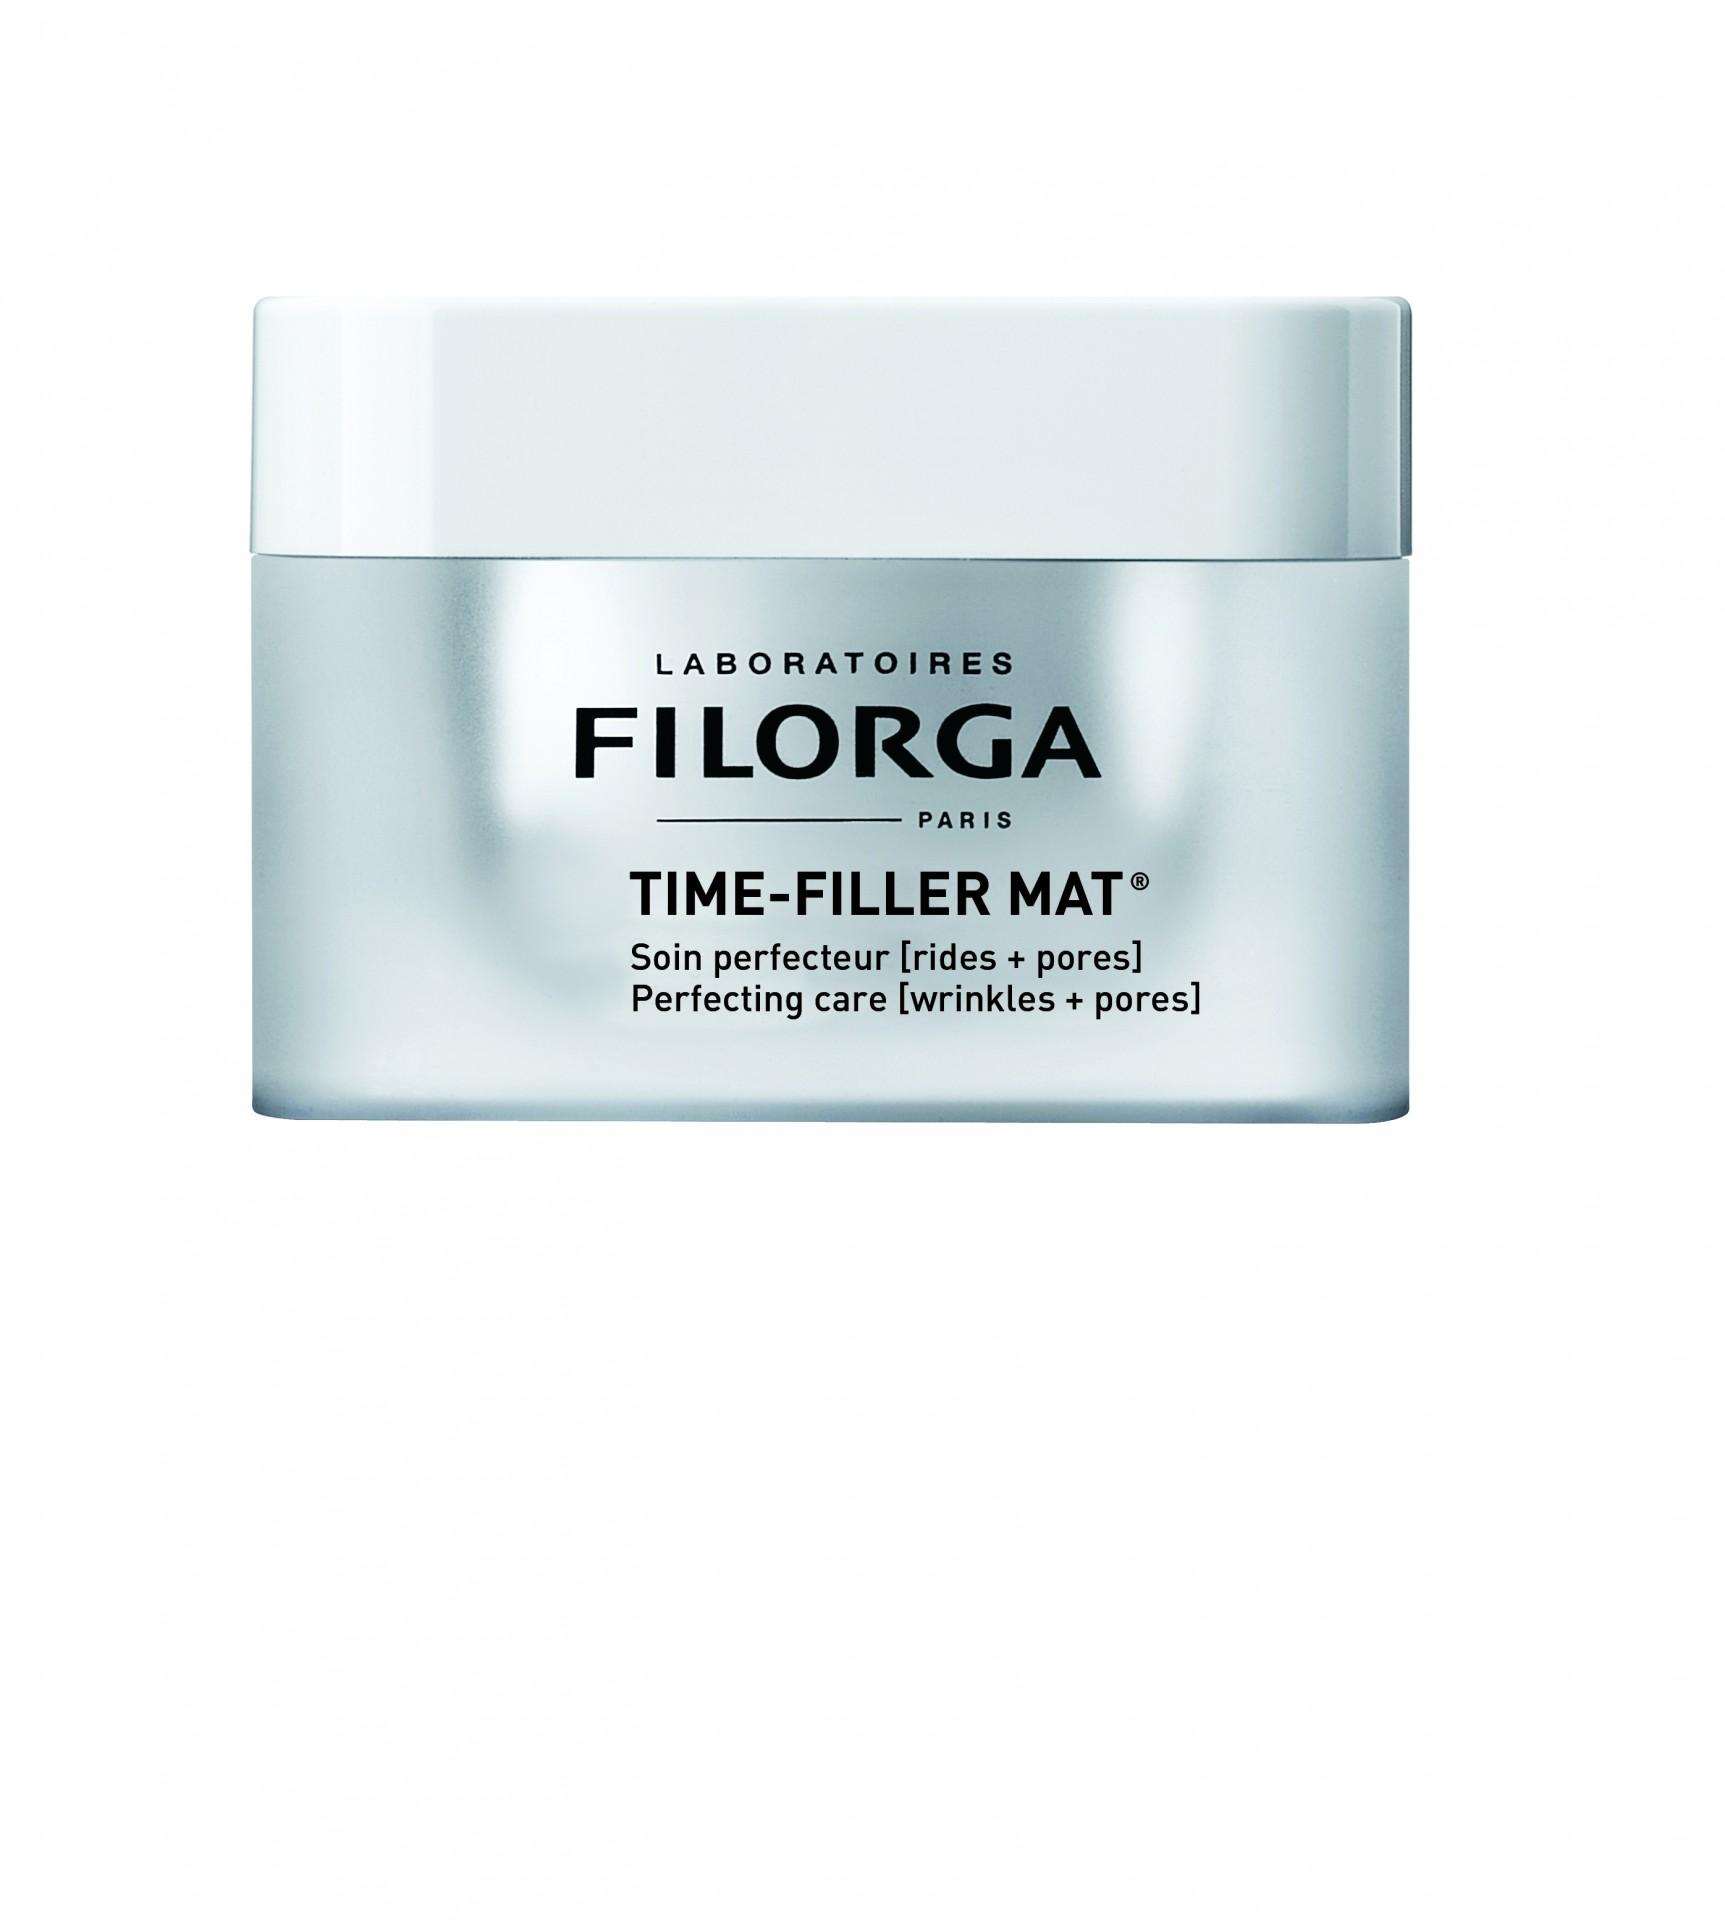 Filorga - Time-Filler Mat Creme 50ml